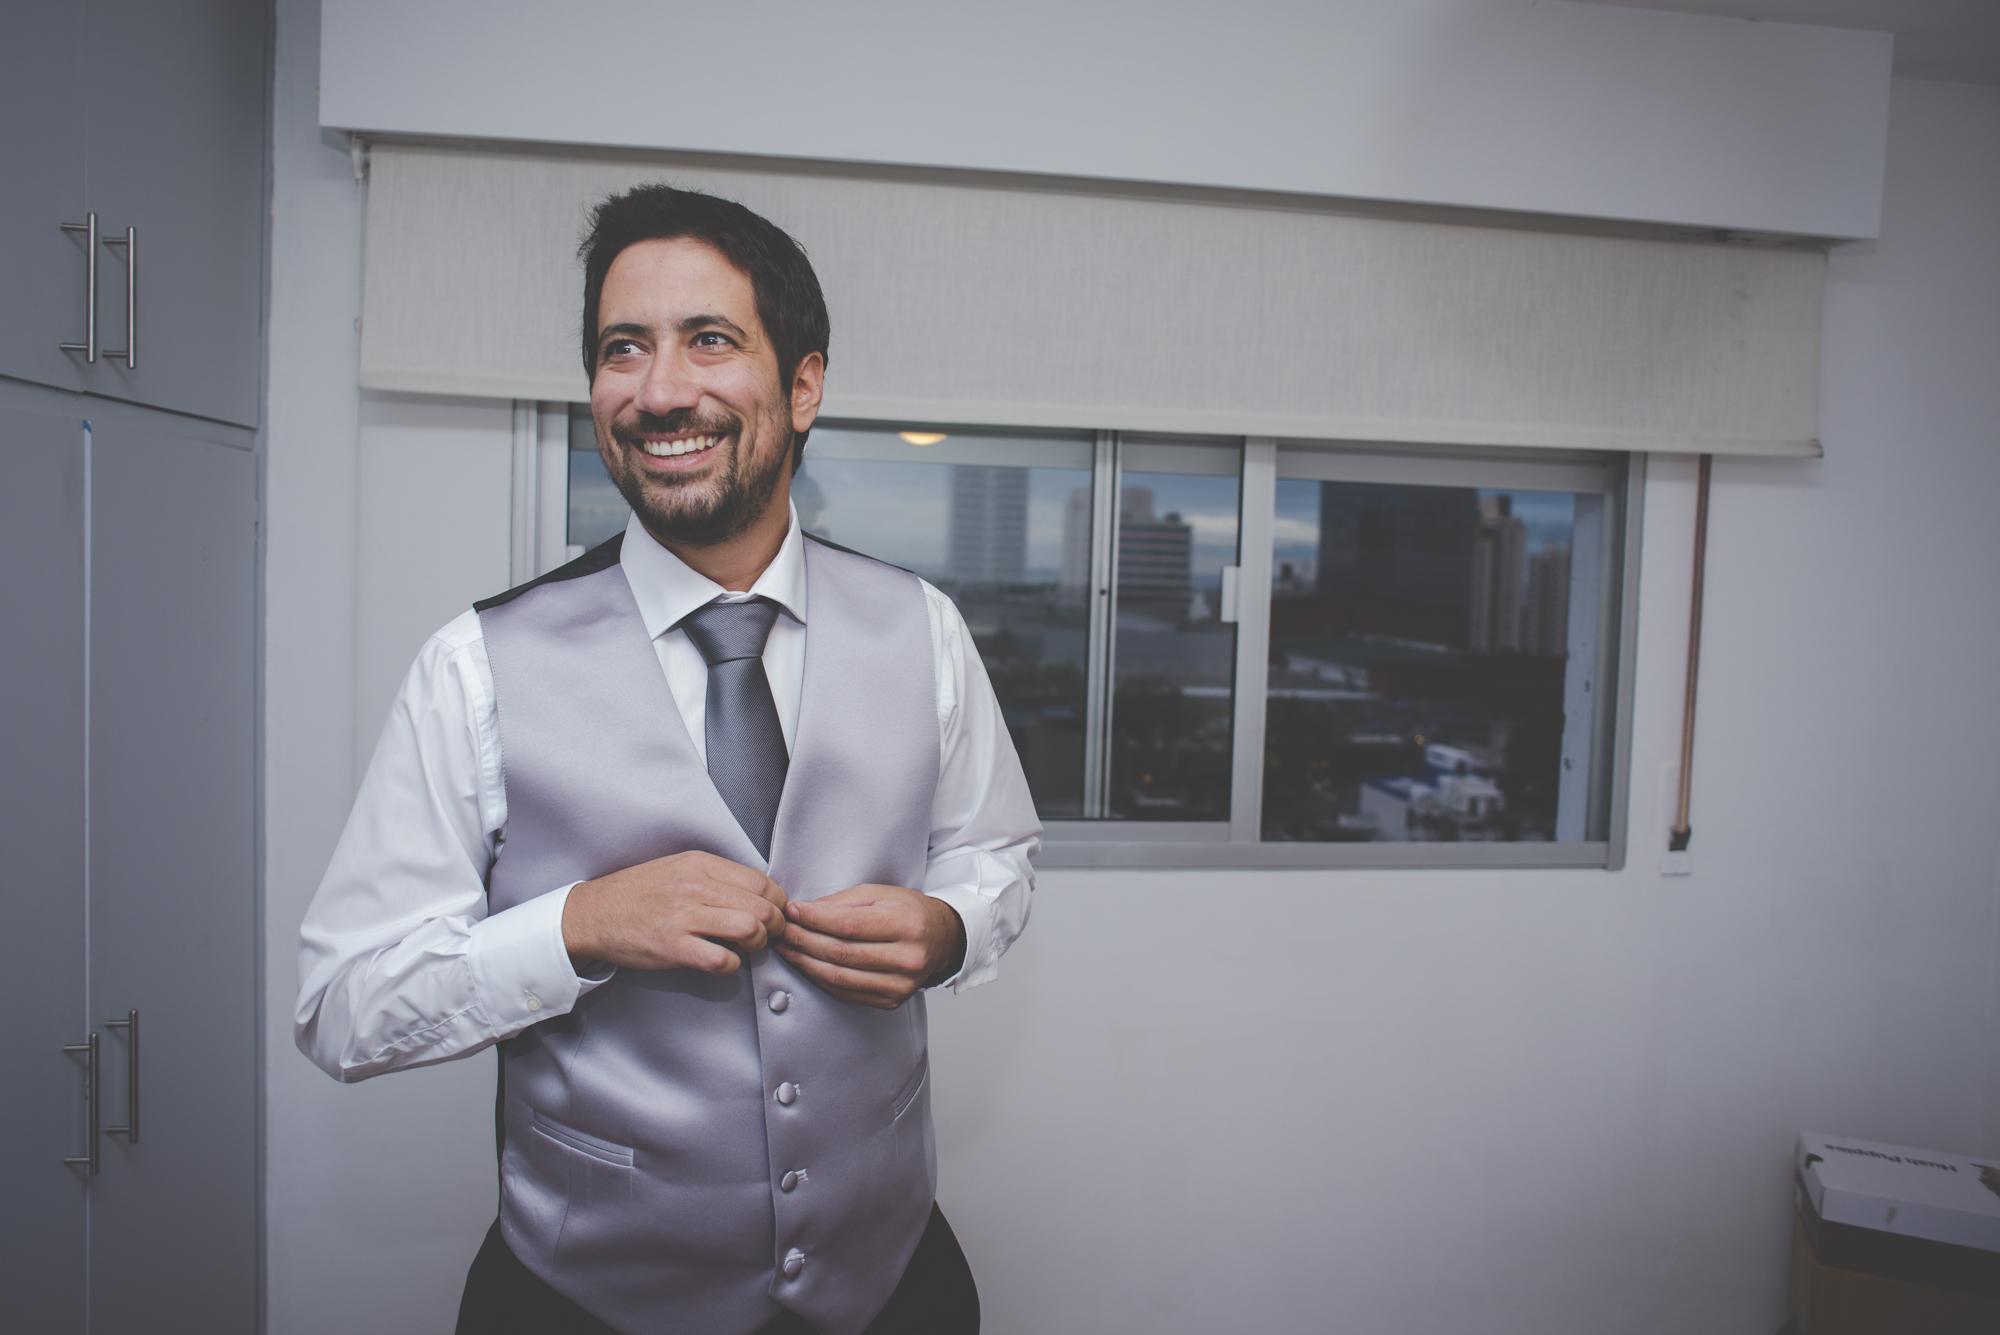 fotografía de bodas - preparativos del novio - getting ready wedding photography